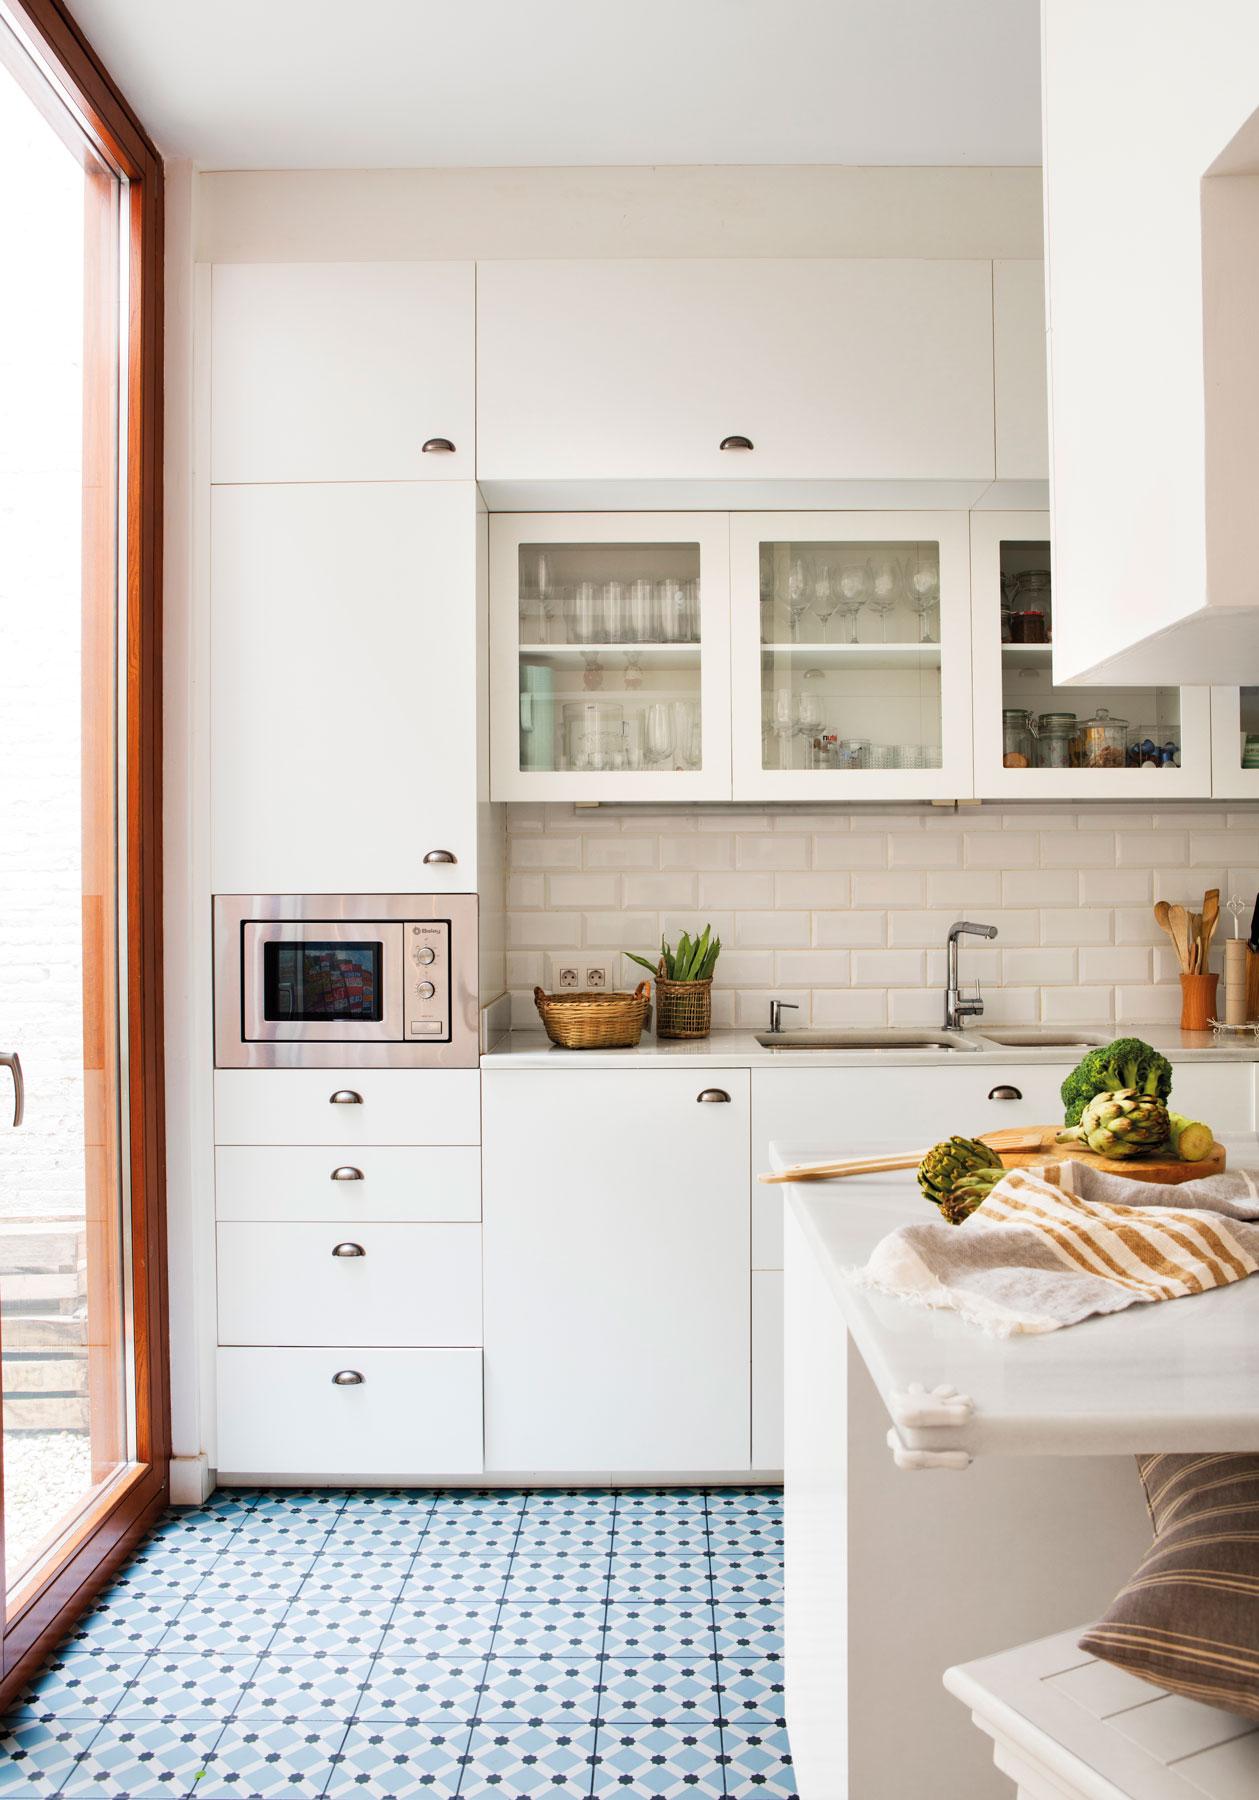 Cocinas muebles decoraci n dise o blancas o peque as - Cocinas con mosaico ...